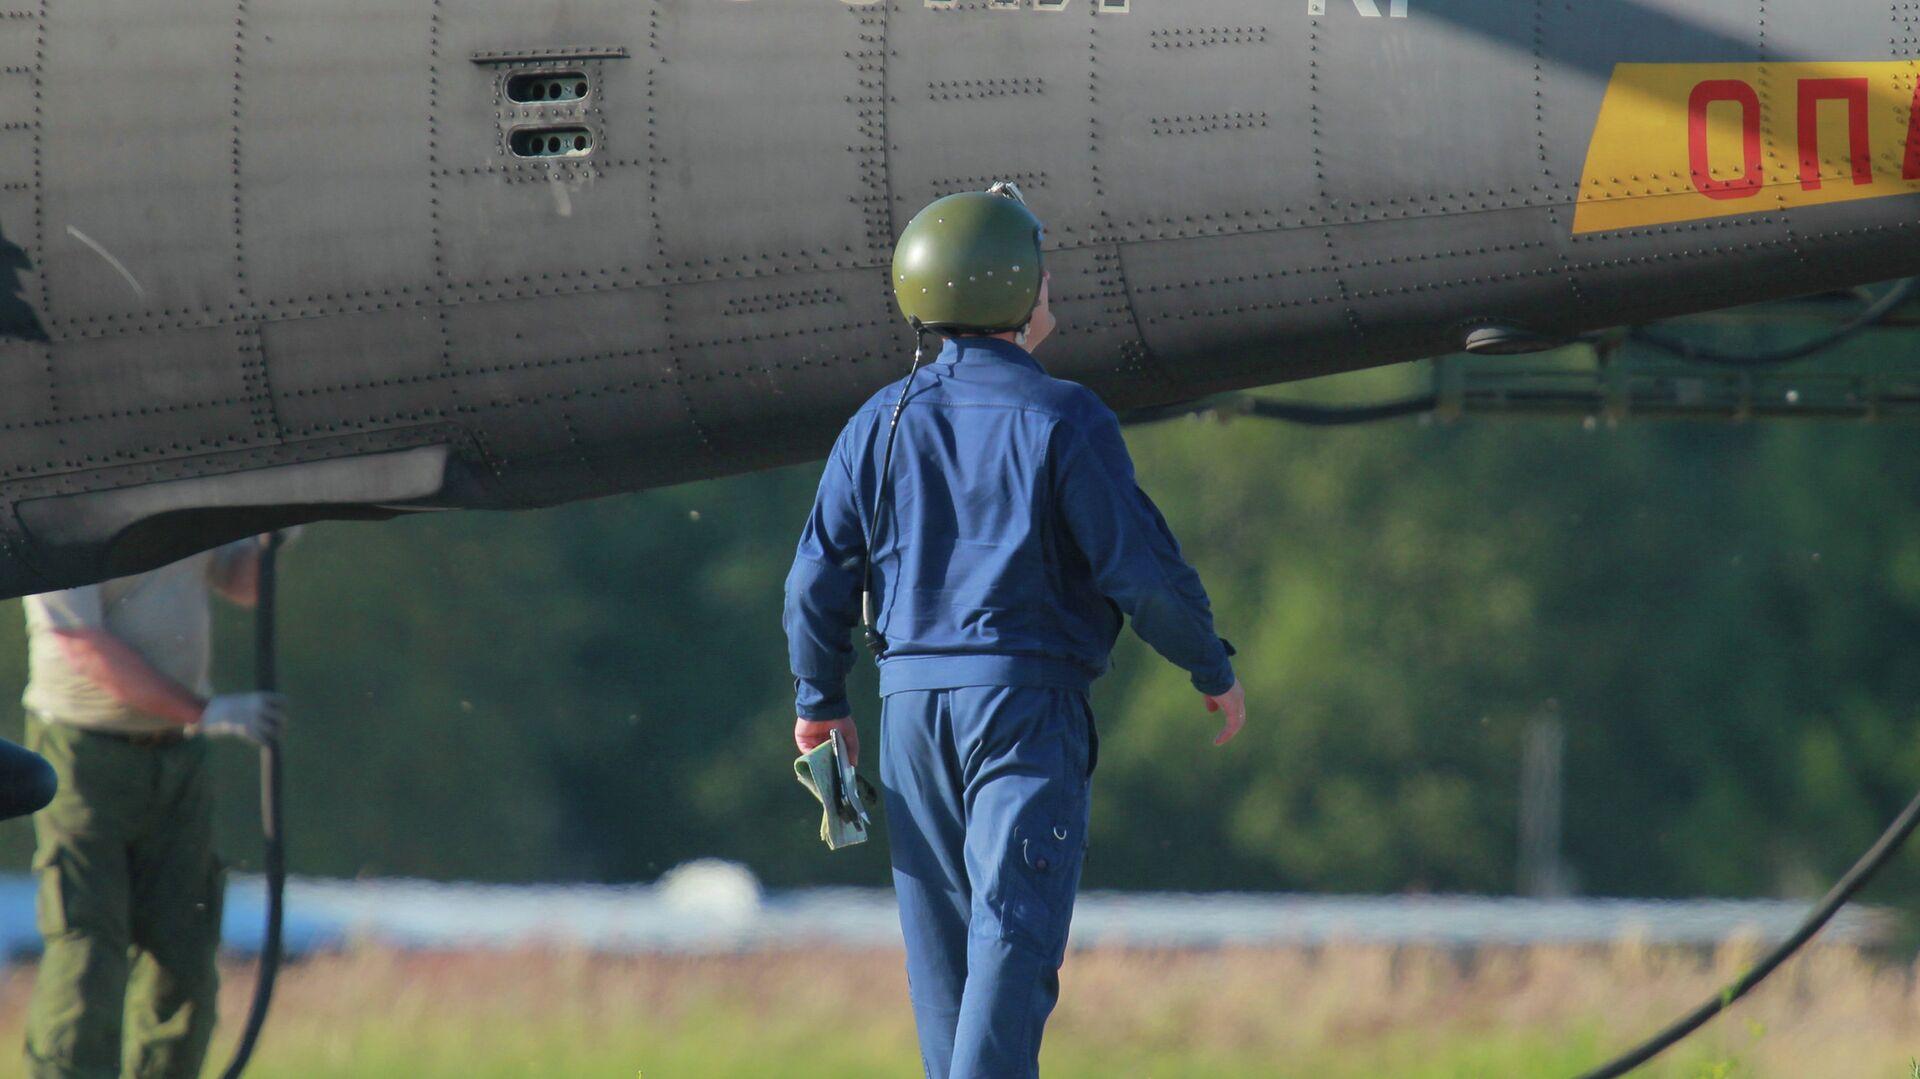 Летчик ВВС России - РИА Новости, 1920, 19.05.2021